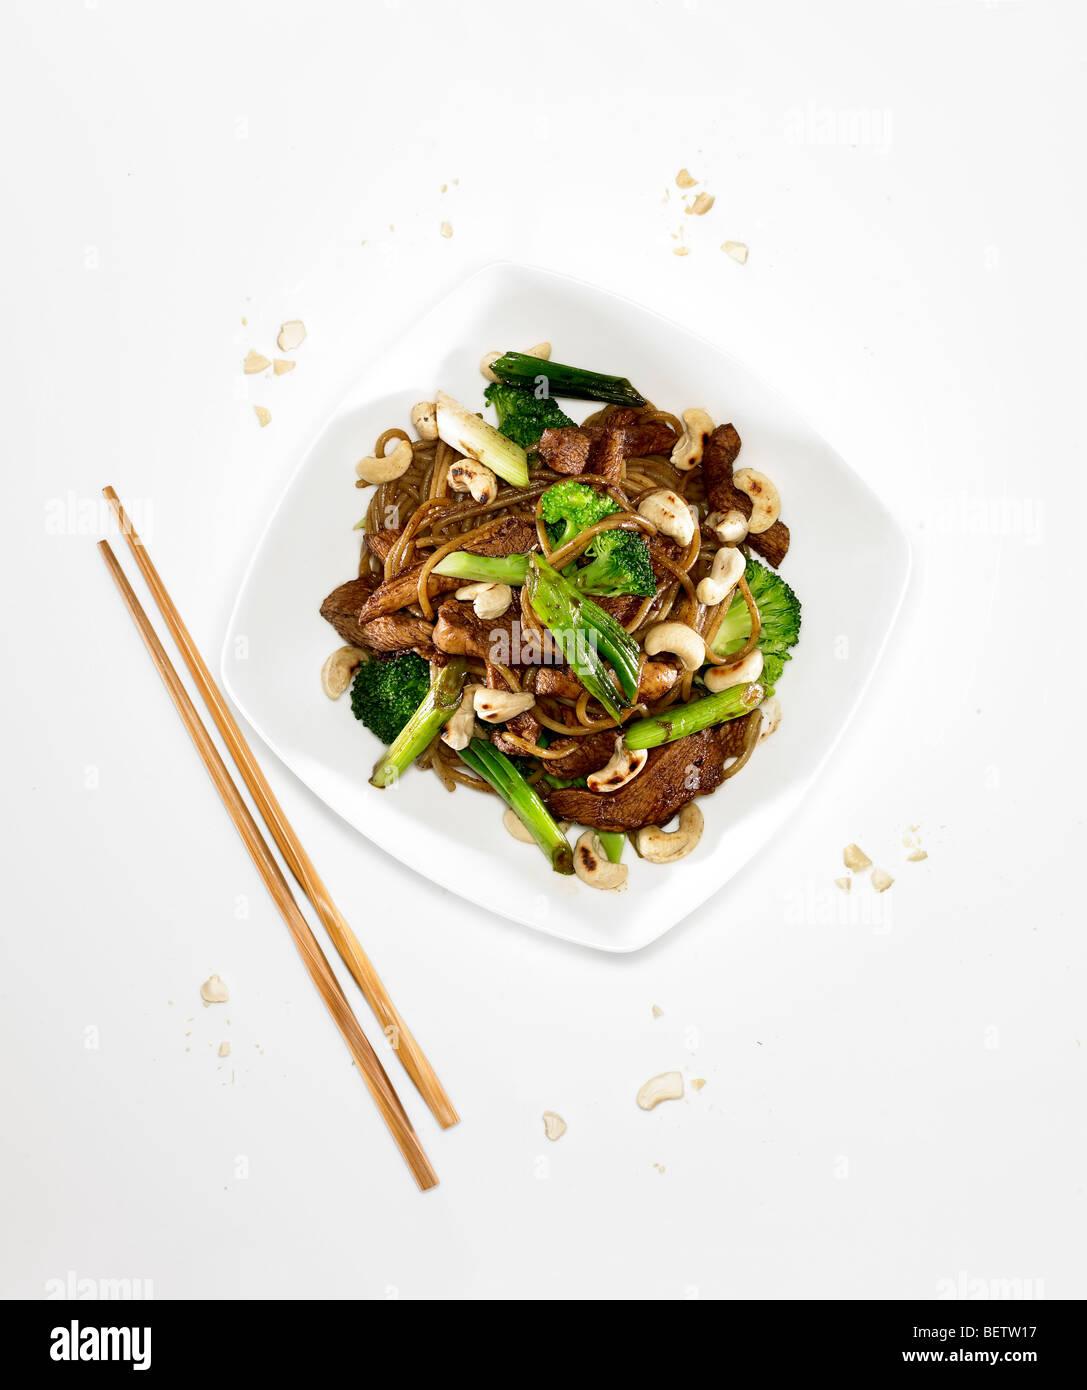 Sauté de poulet mariné, de cajou dans la pâte de tamarin, la sauce de soja, l'ail et le citron. Photo Stock